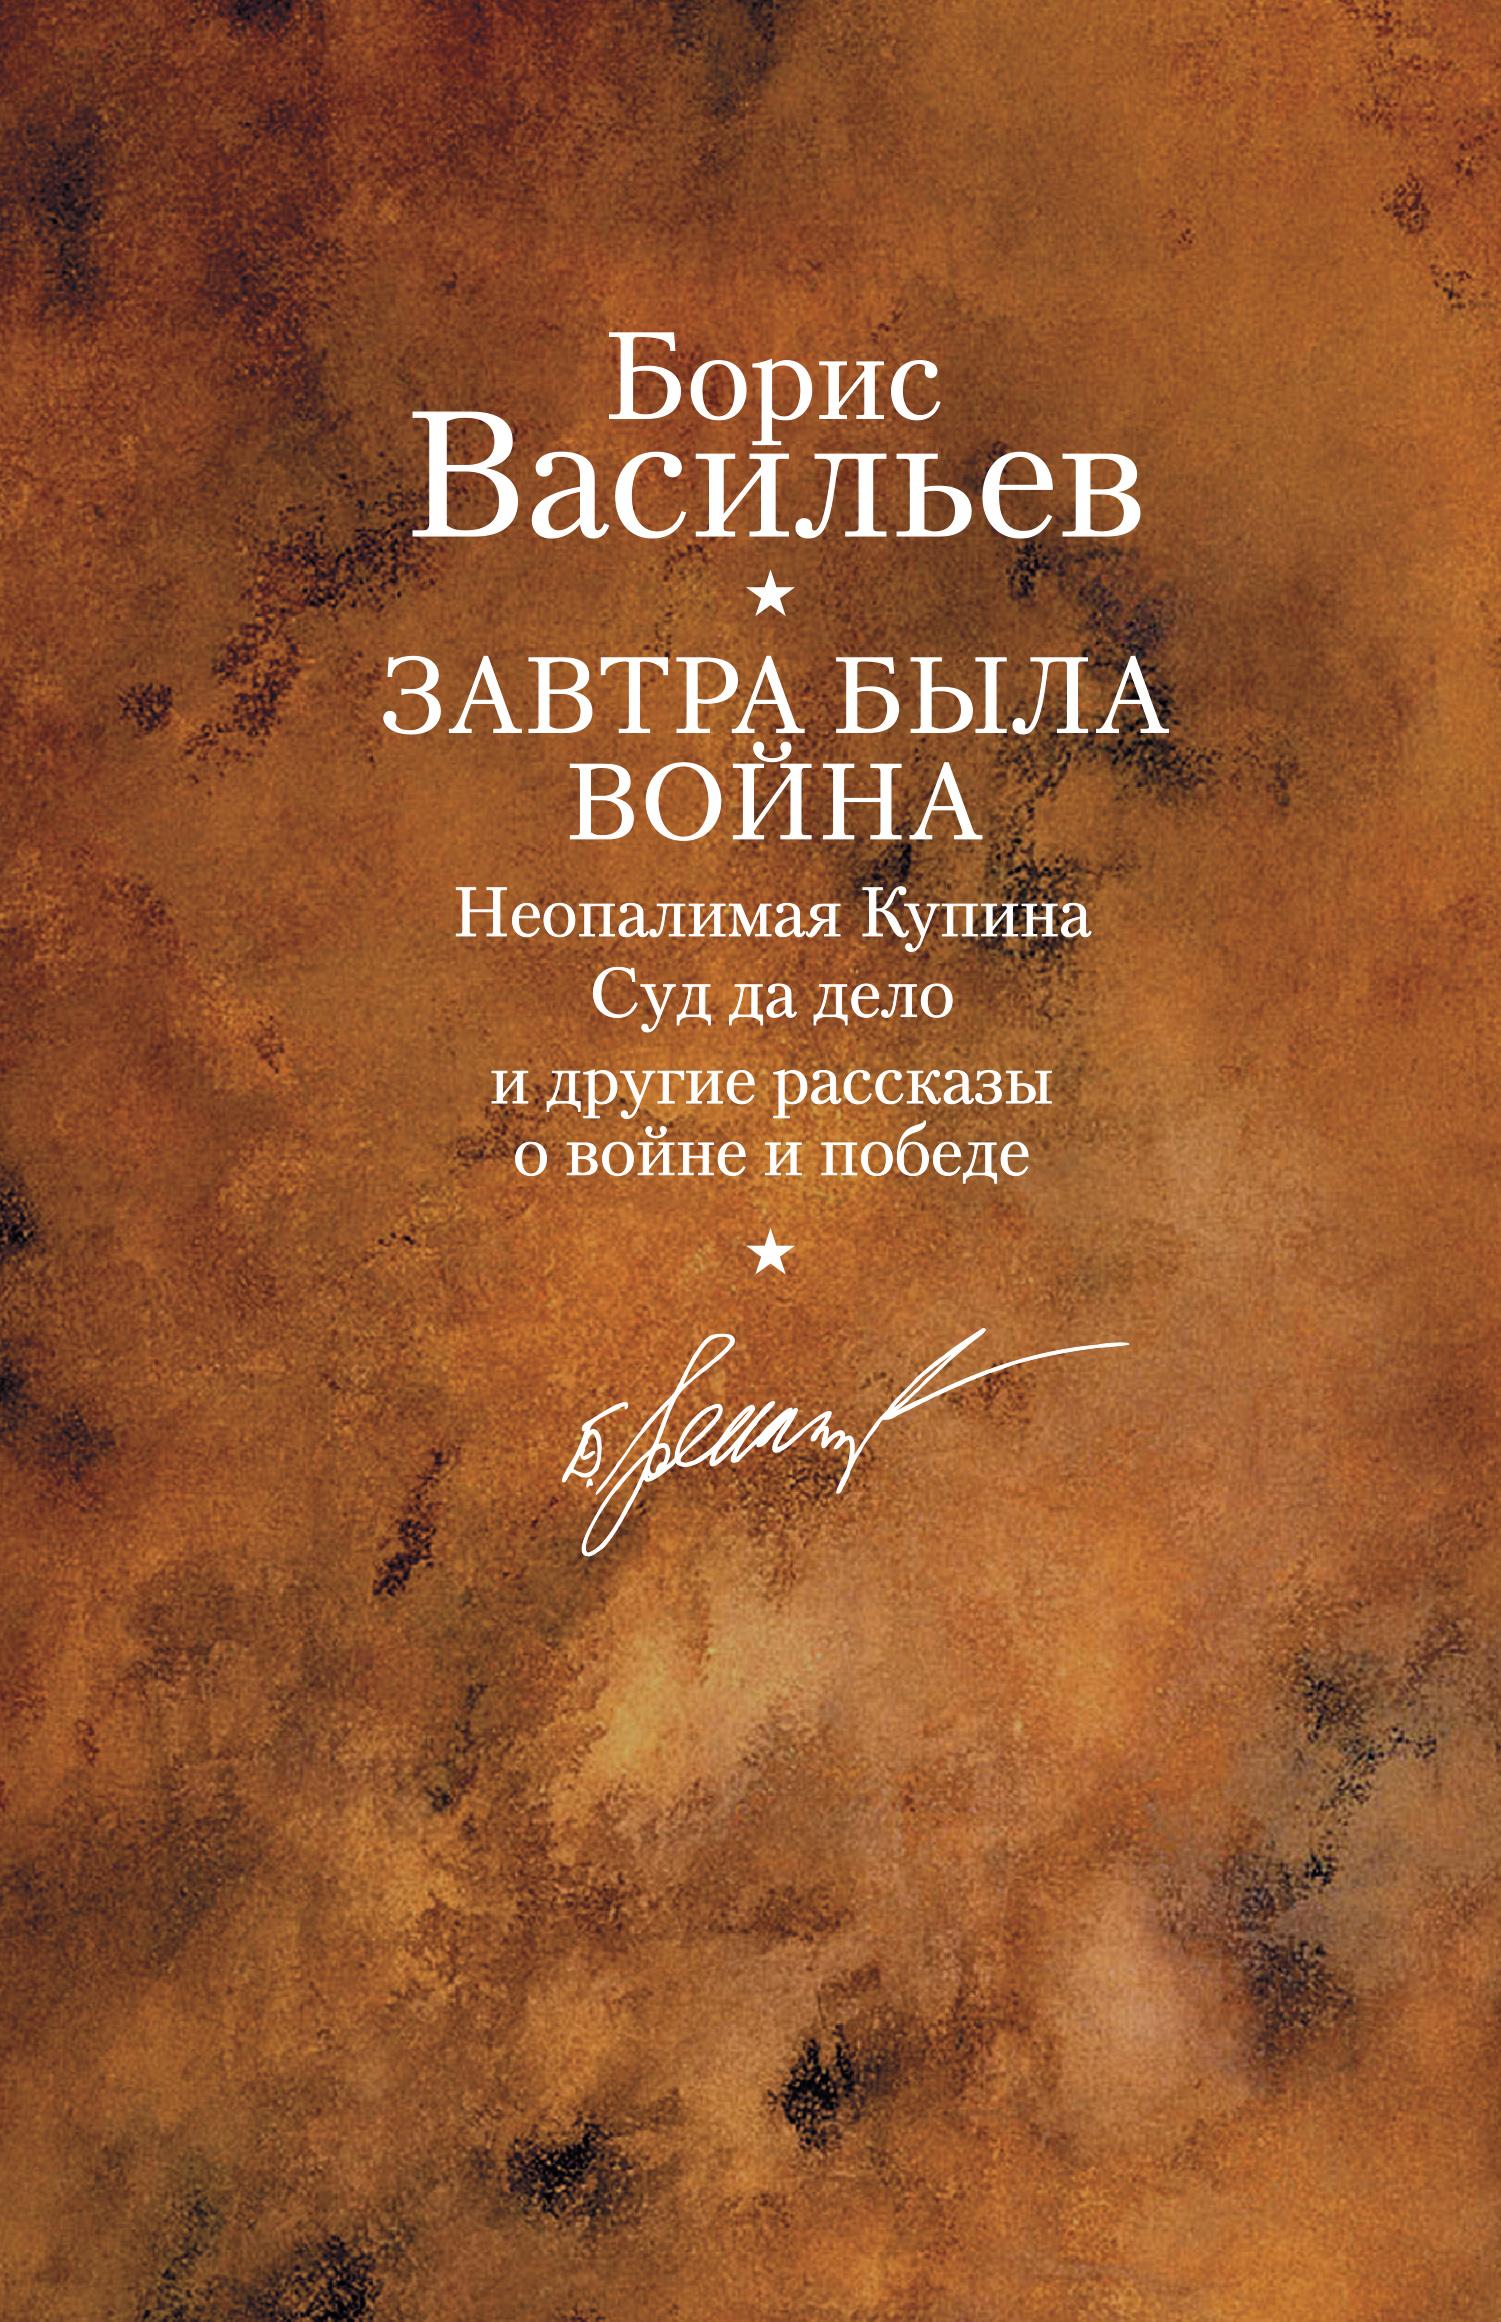 Борис Васильев Суд да дело борис васильев ветеран